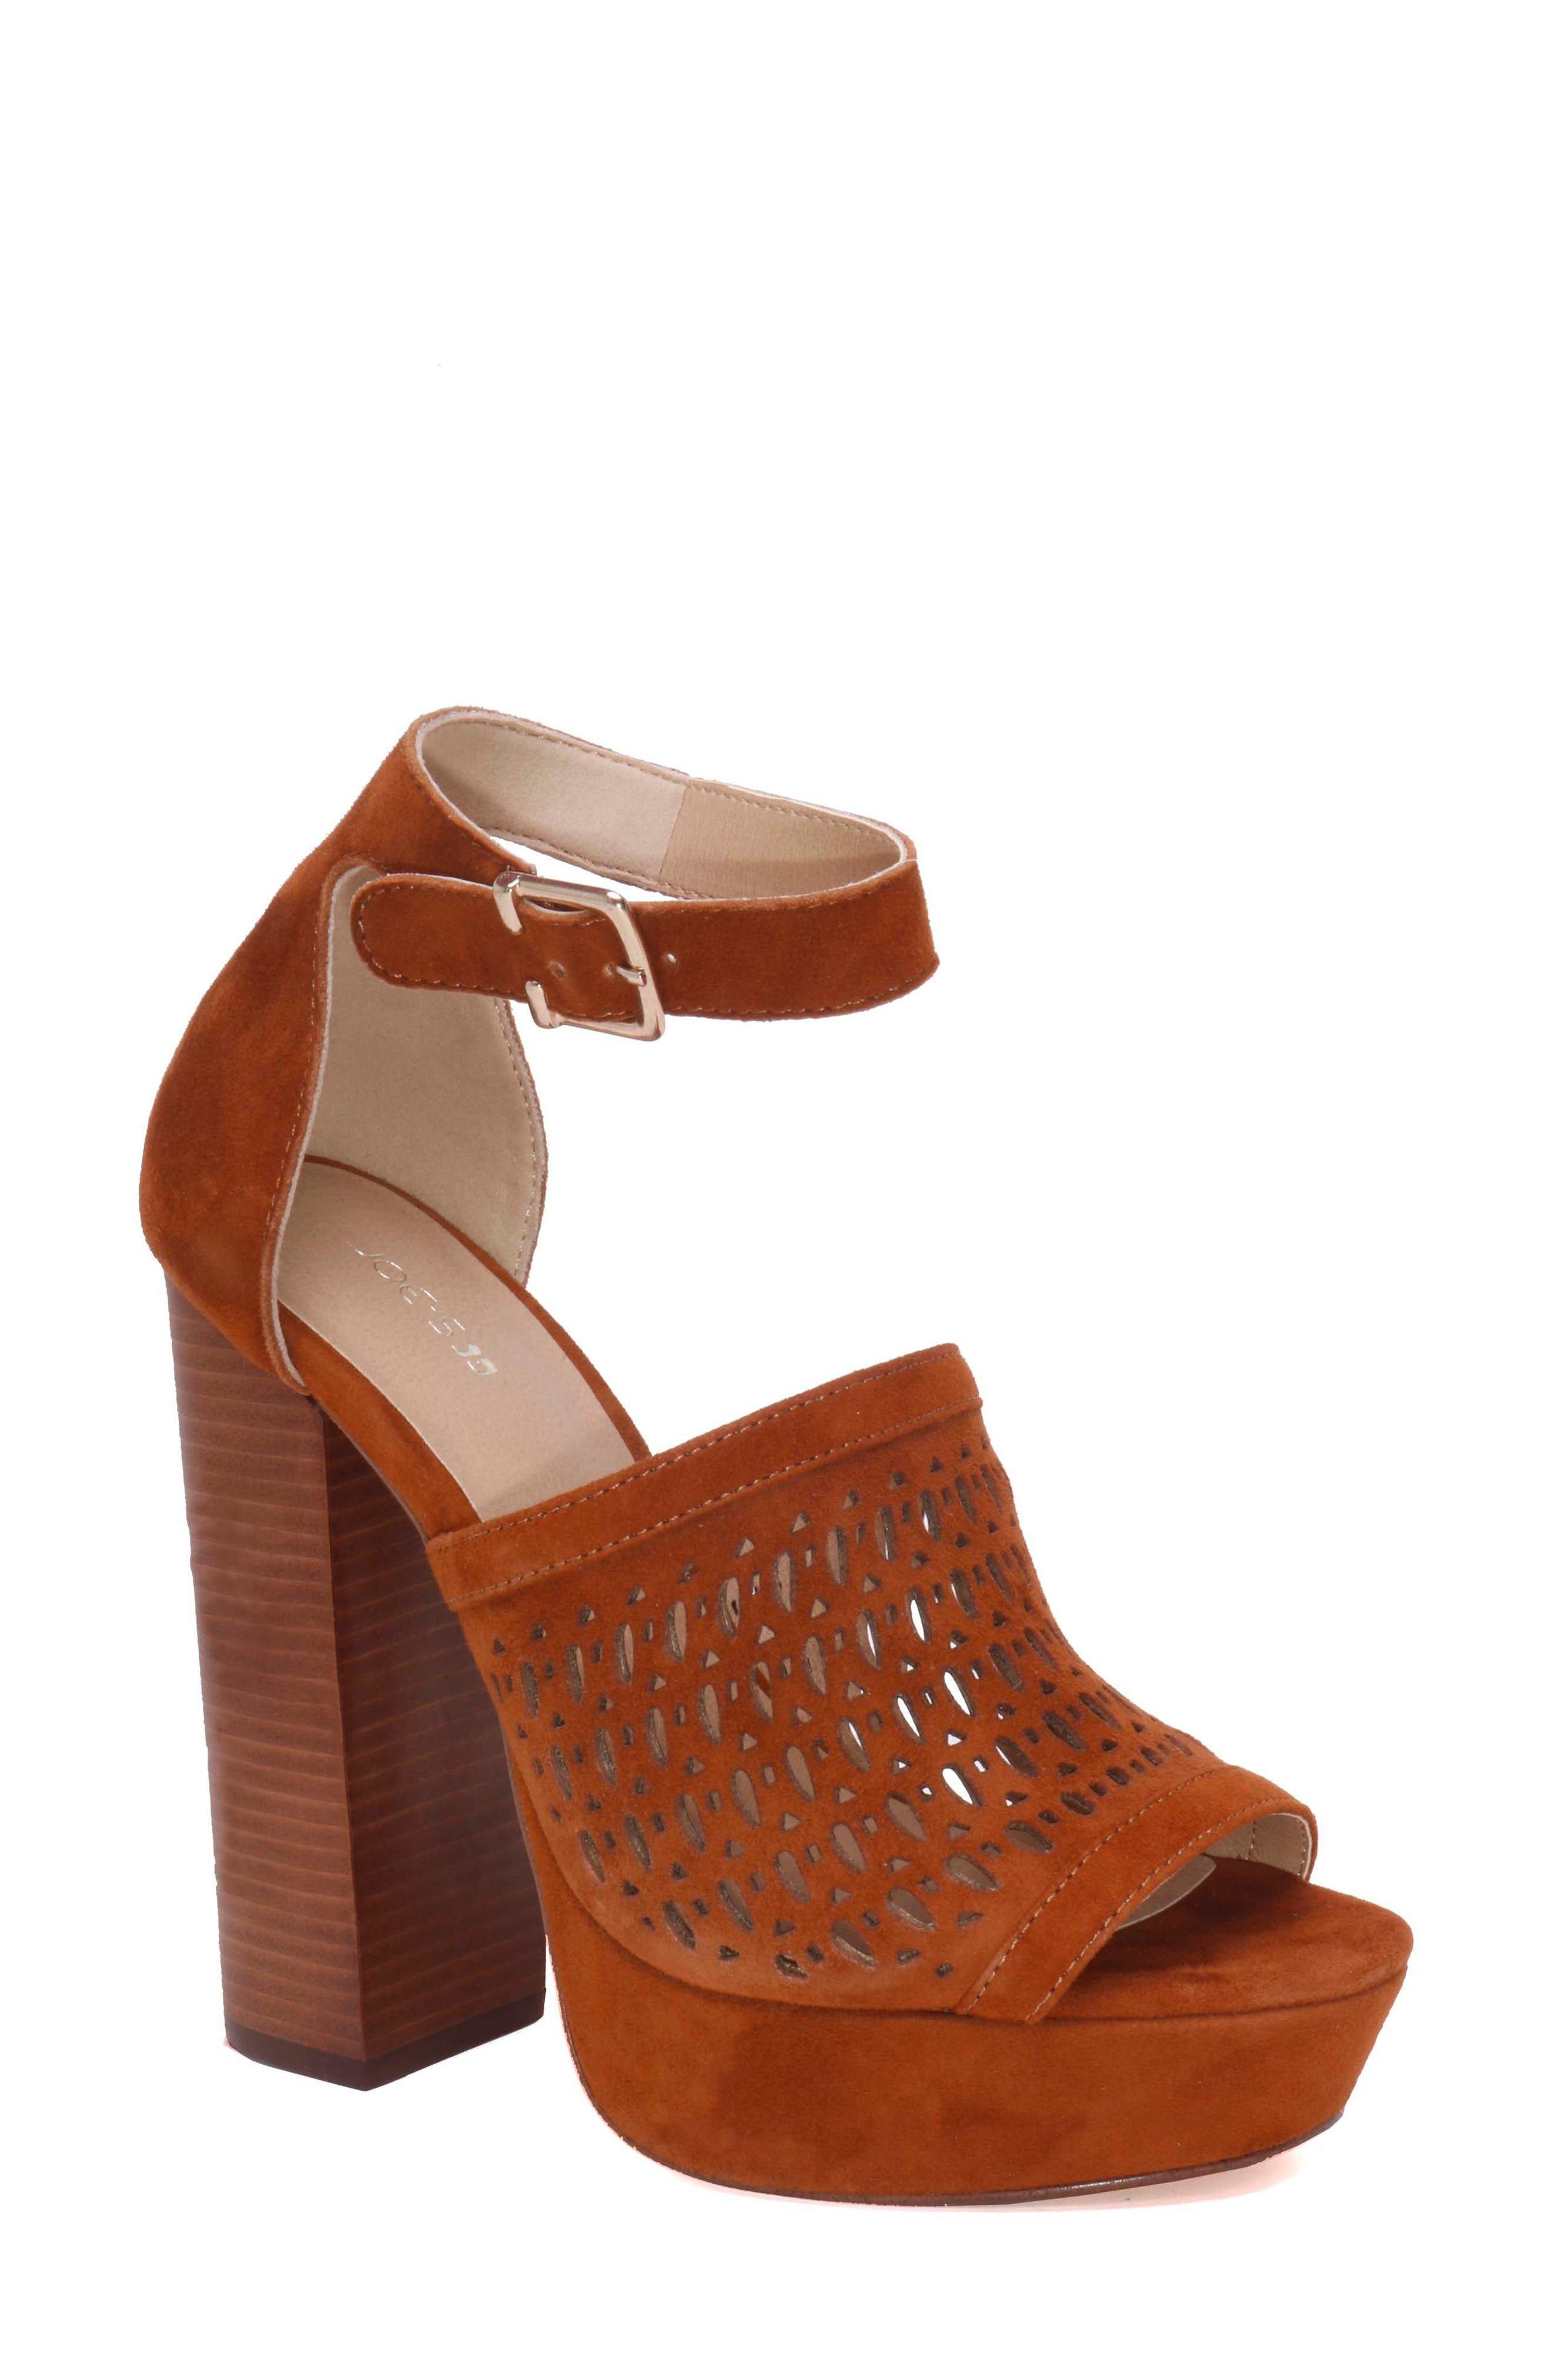 Lorne Platform Sandal,                         Main,                         color, 200